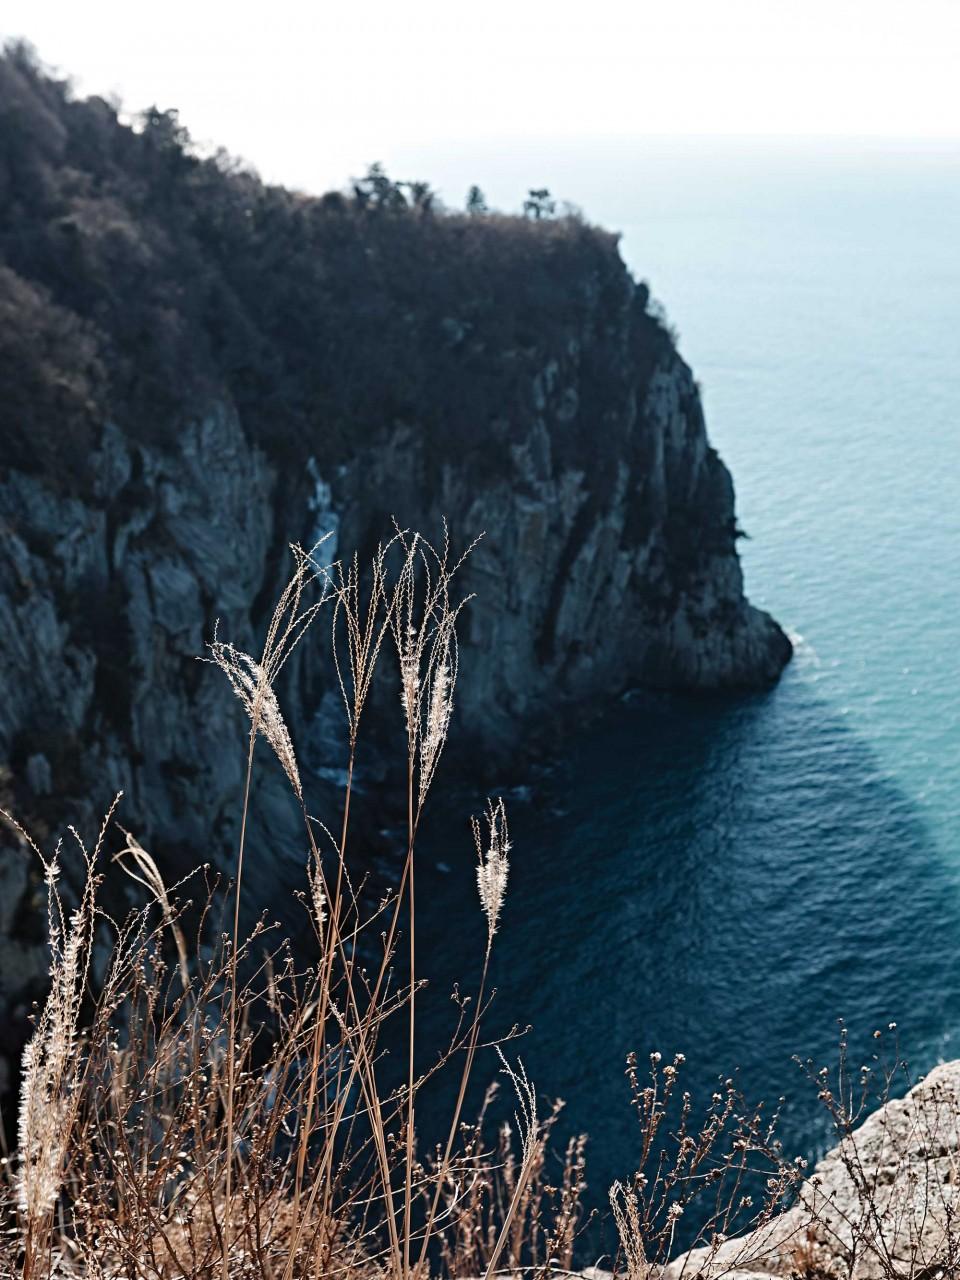 비렁길 1코스에서 바라본 절경. 비렁은 여수 사투리로 '절벽'을 뜻한다. © 김재욱